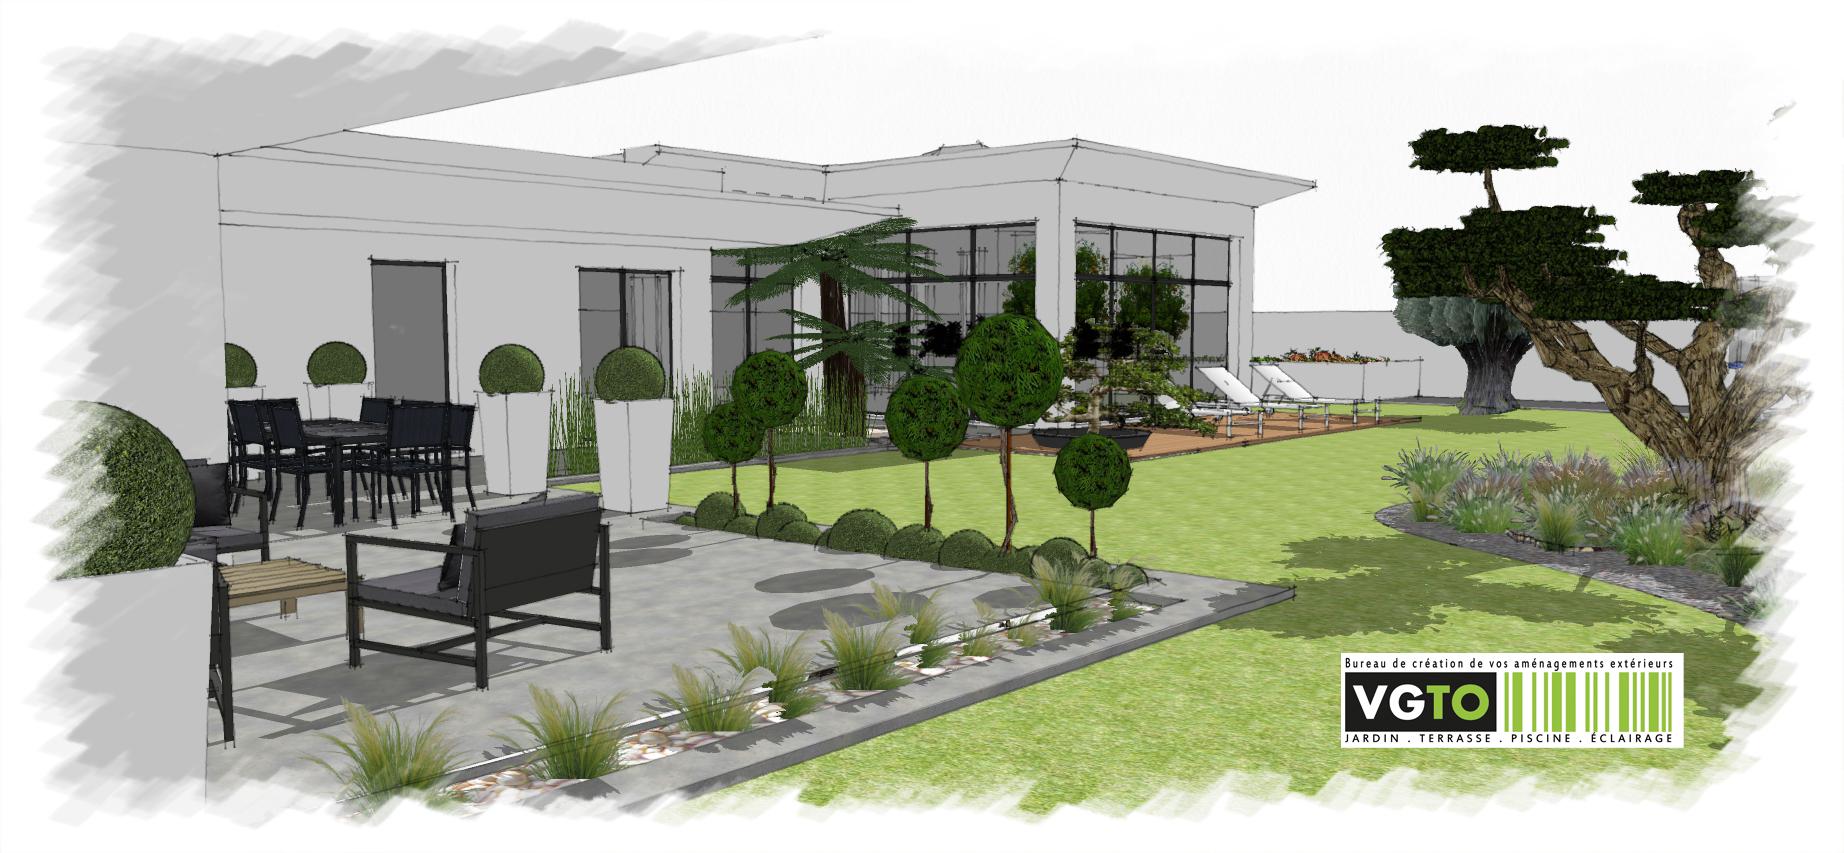 Actualit architectes paysagistes valea concept for Jardin villa contemporaine